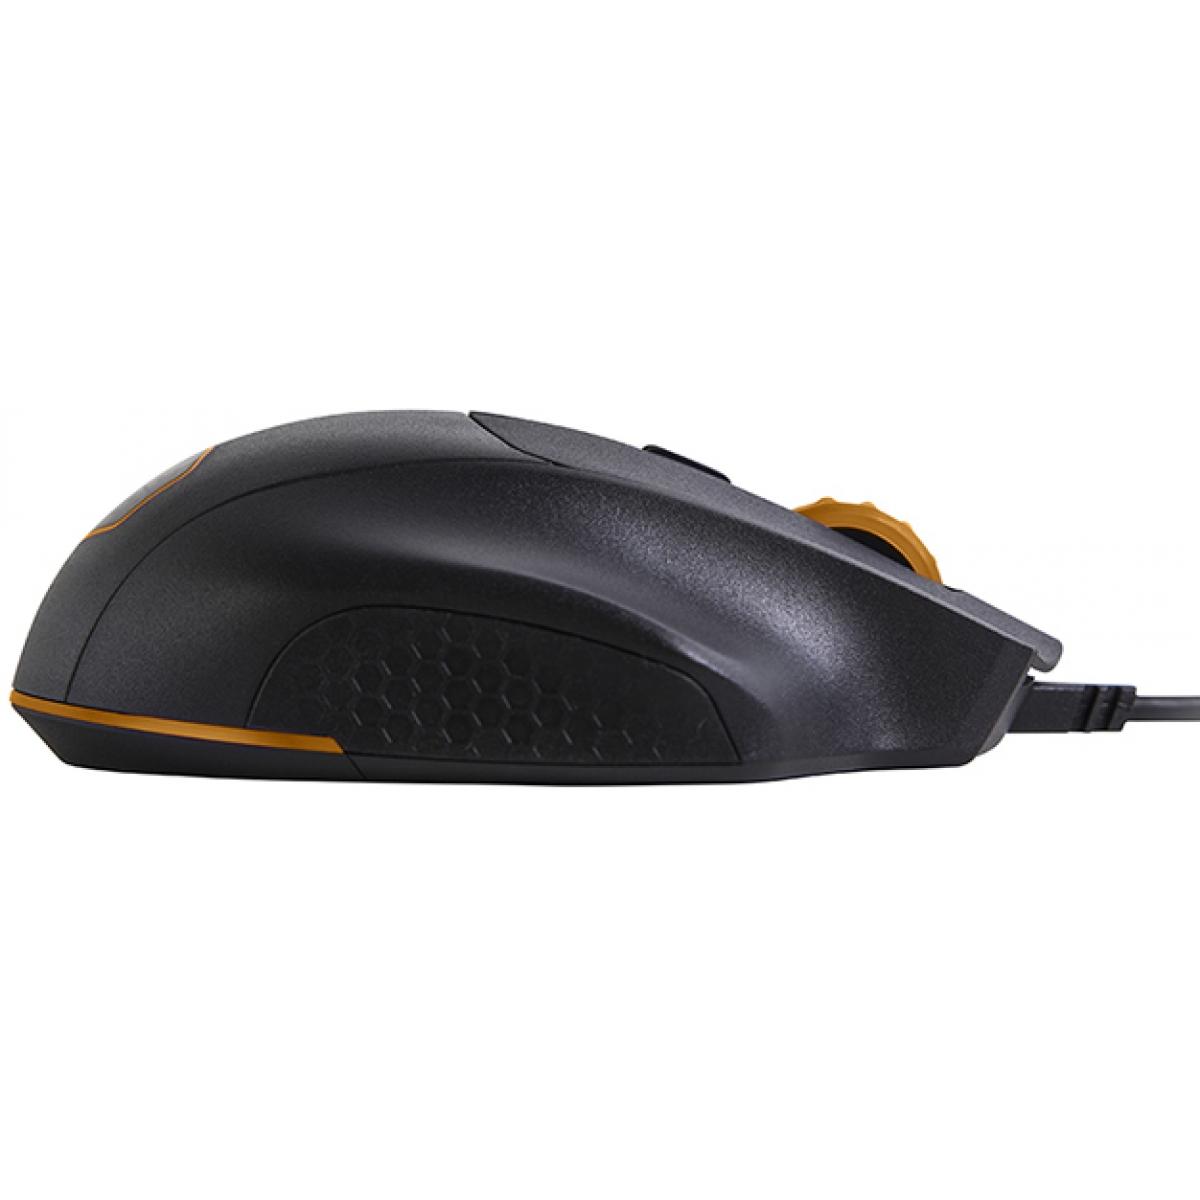 Mouse Gamer Cooler Master MasterMouse MM520 RGB SGM-2007-KLON1 12000 DPI USB Black